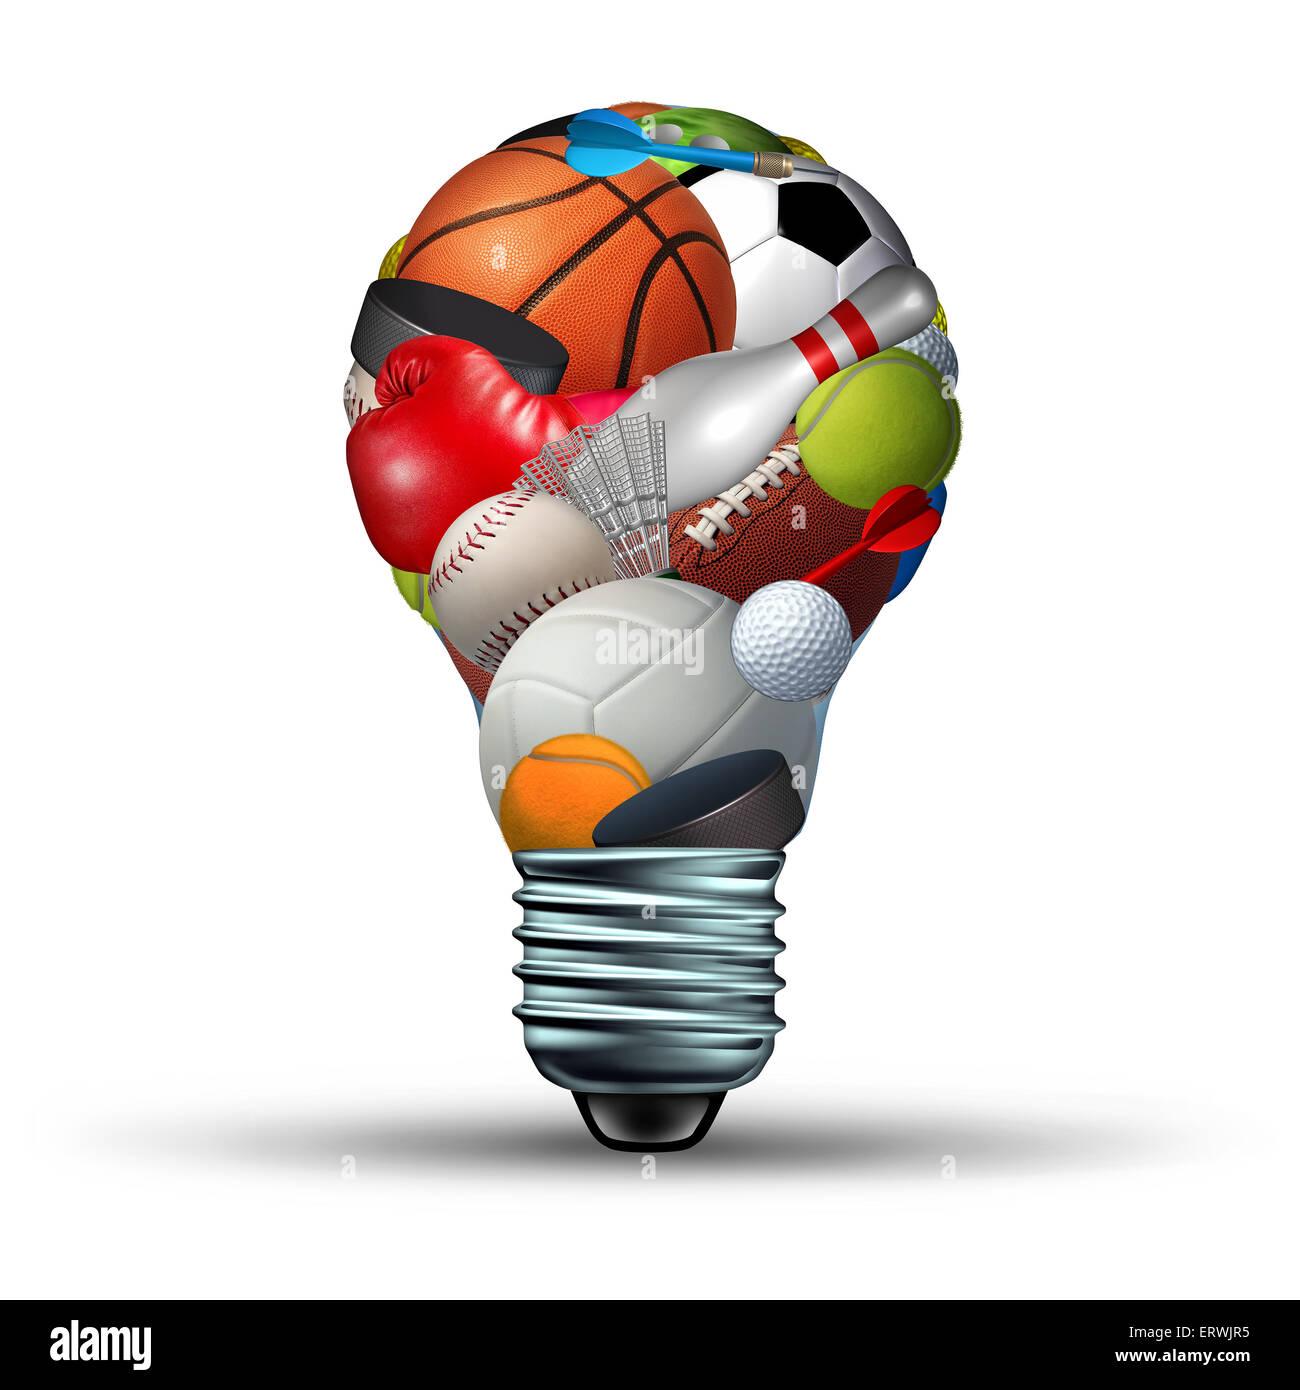 Sport Aktivitäten Ideen-Konzept als eine Glühbirne Form auf weißem Hintergrund mit Sportgeräten Stockbild